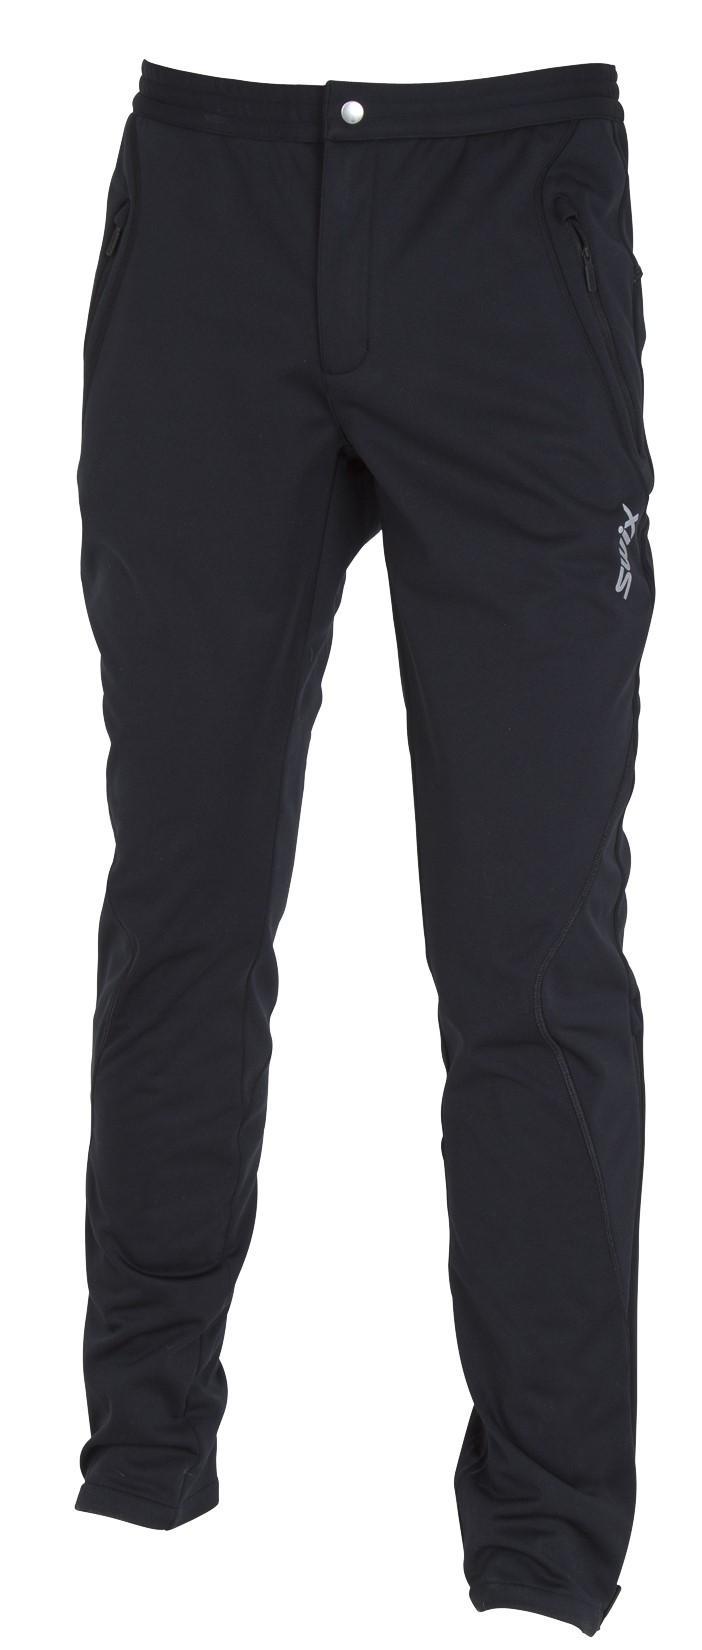 Pánské kalhoty Swix